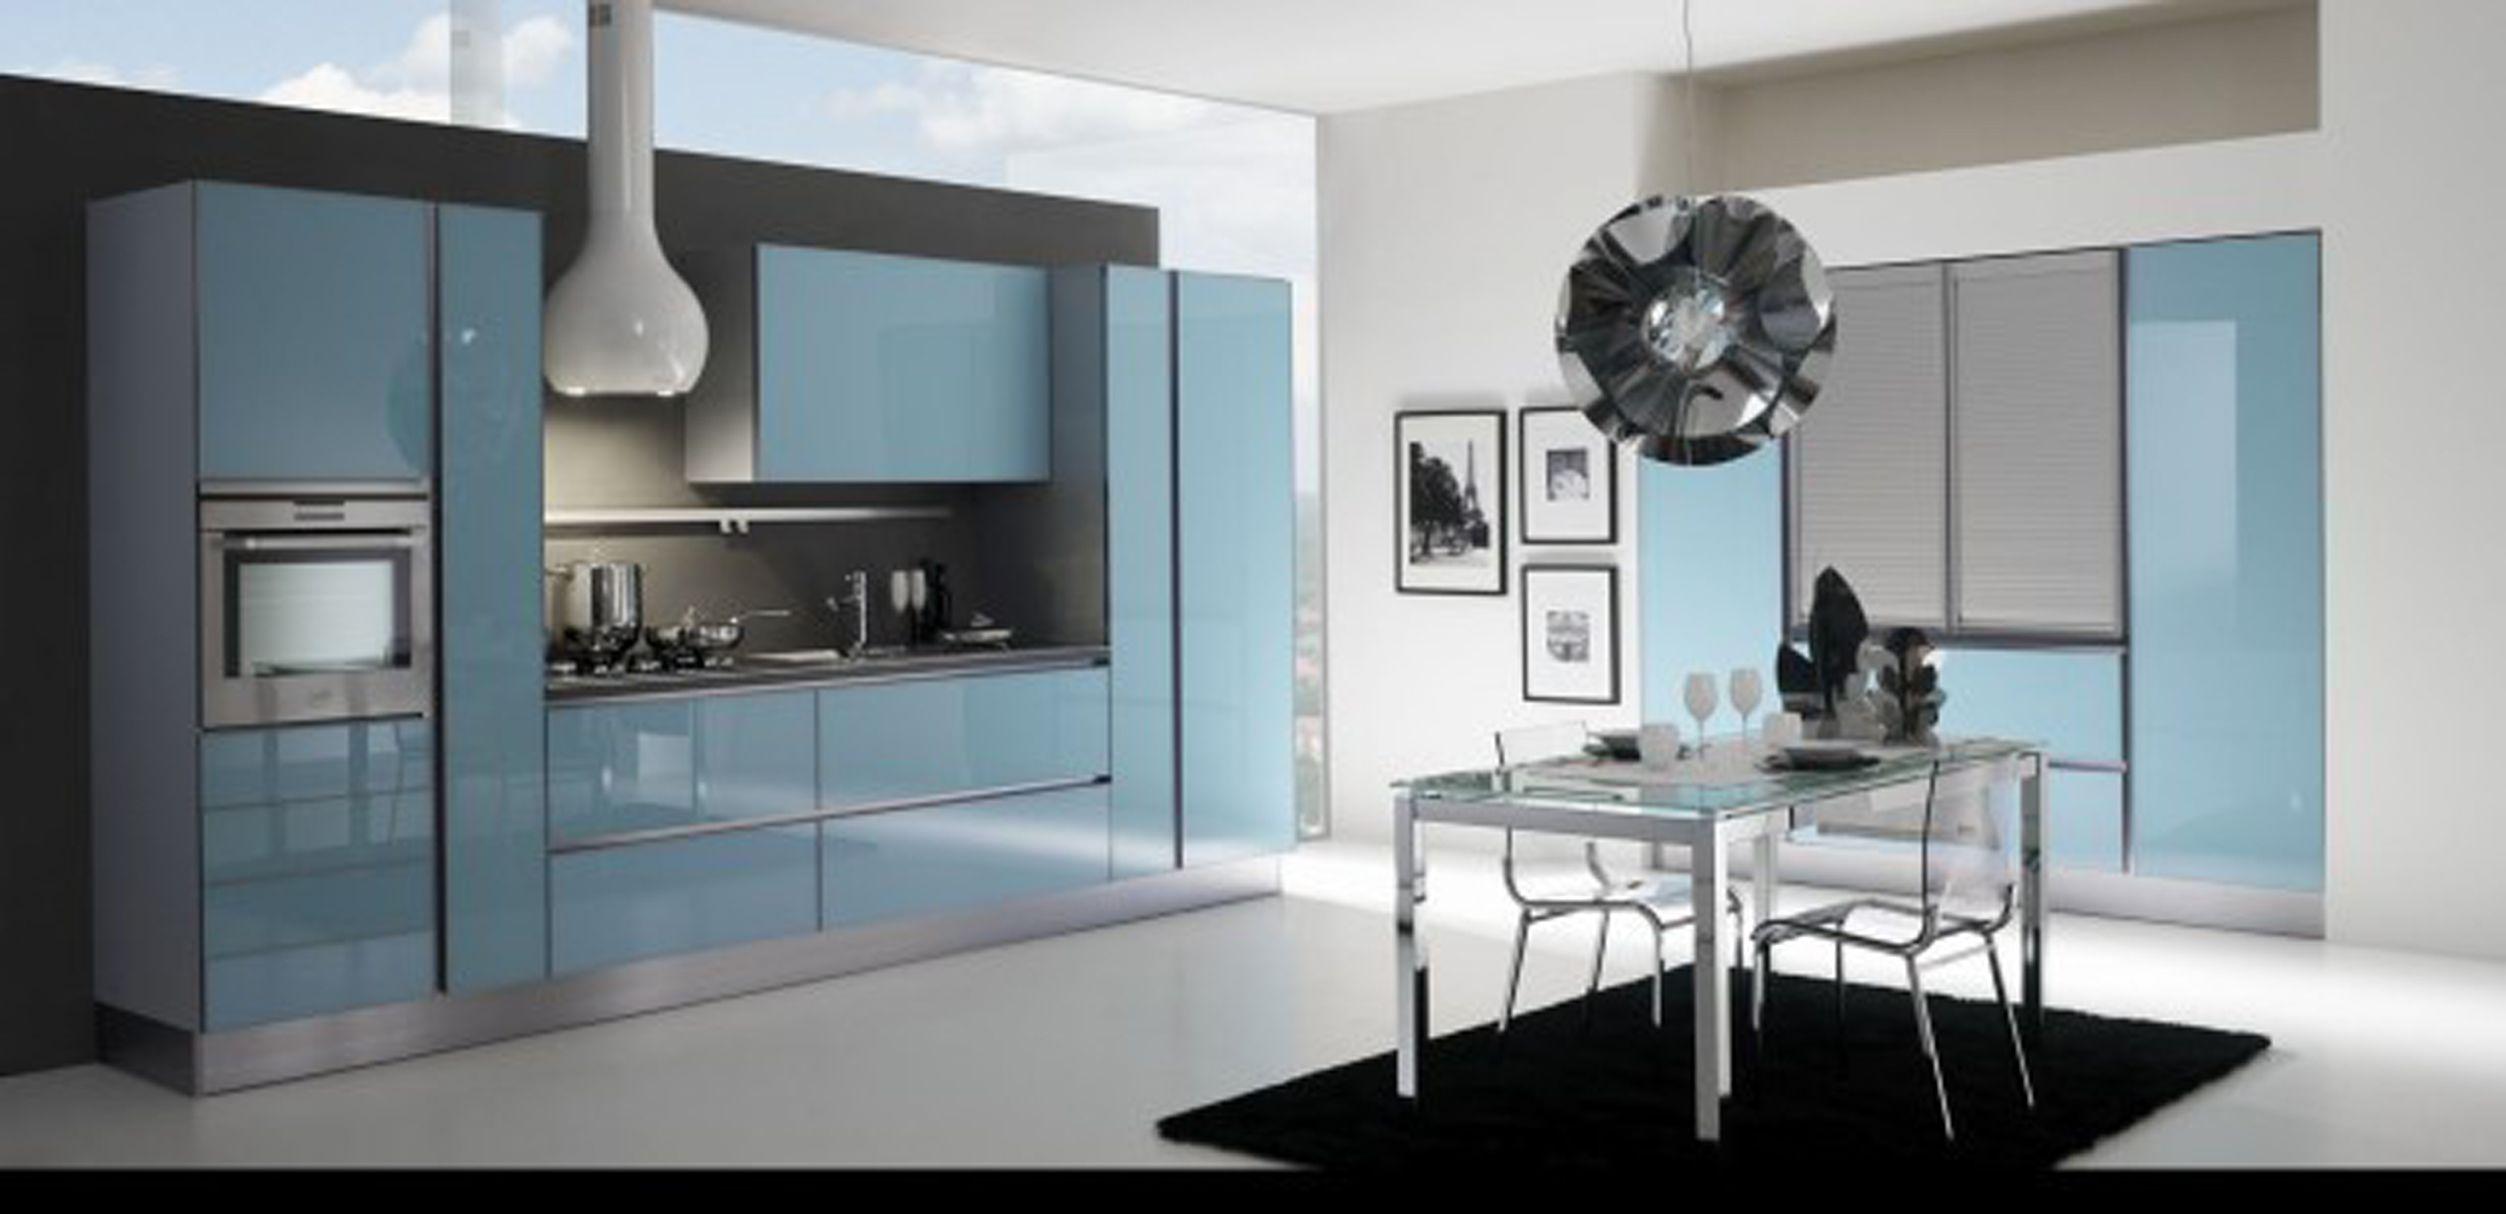 outdoor kitchen designs ideas galley kitchen designs ideas kitchen ...